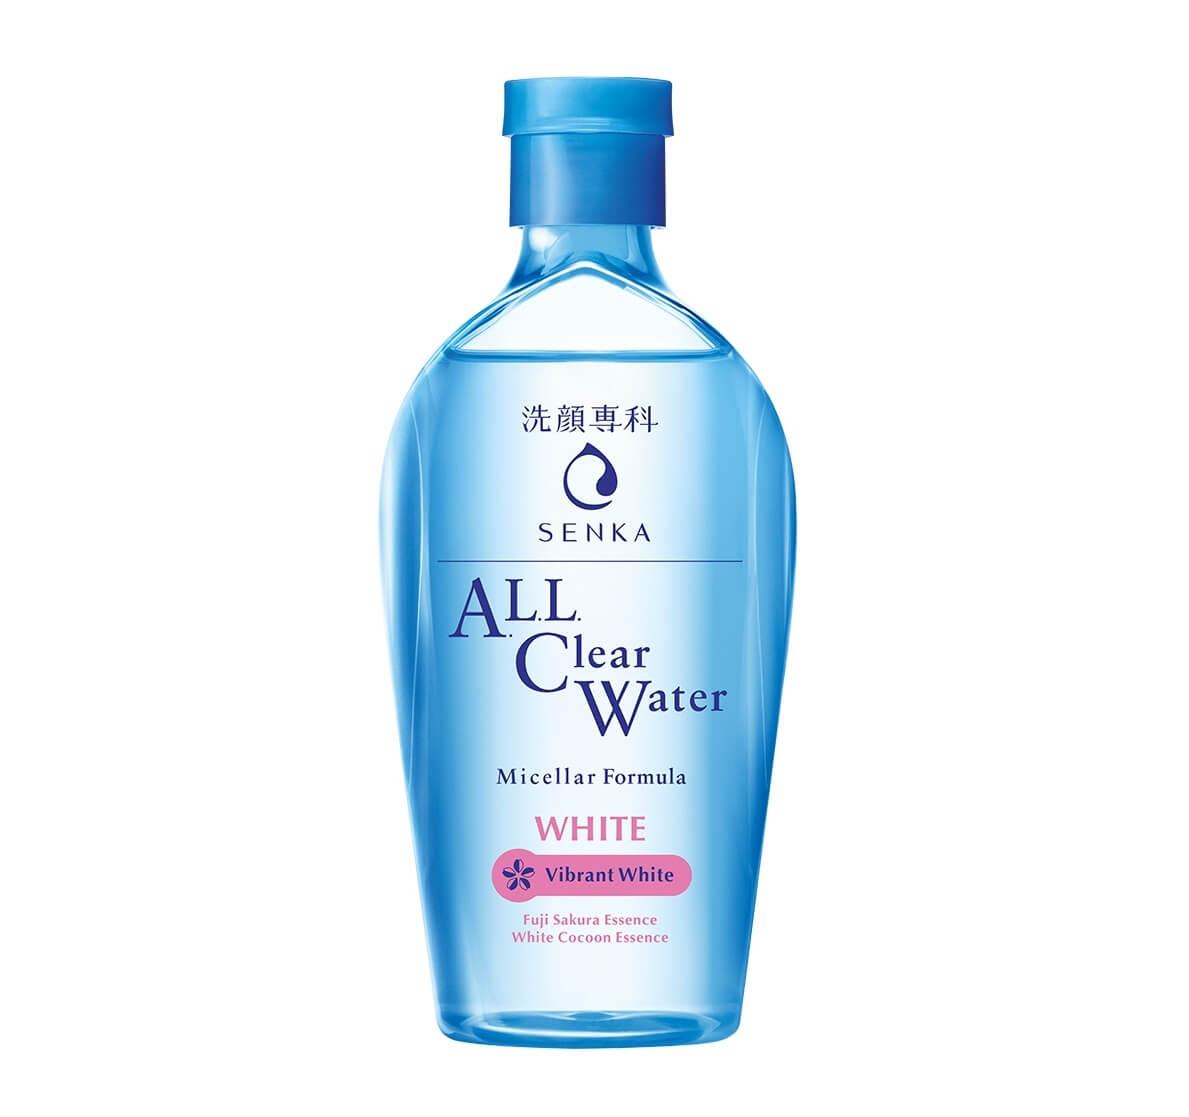 Nước tẩy trang Senka Micellar White dưỡng da 230ml Nhật Bản